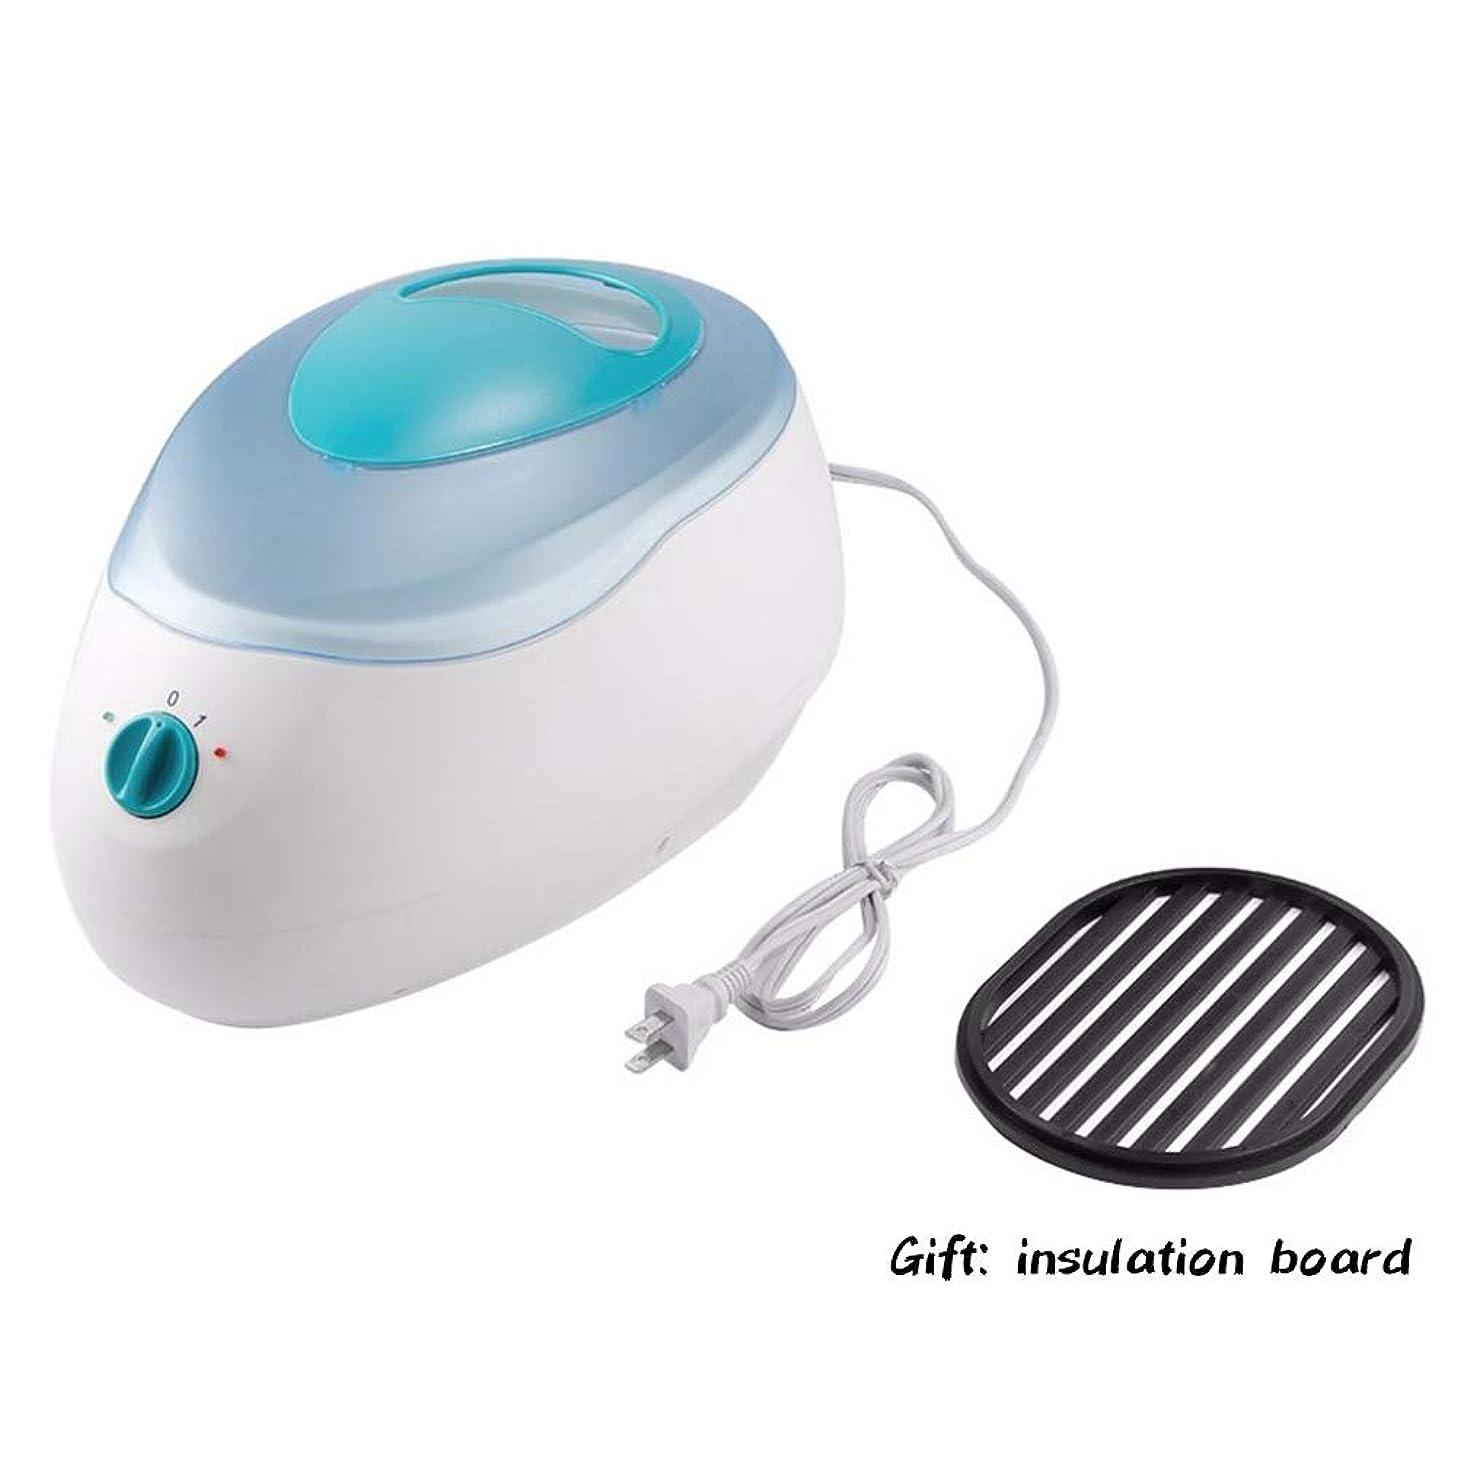 熱帯の以下アシュリータファーマンワックスヒーター機200ワットパラフィンヒーター療法浴室ワックスポットヒーター美容院スパ2レベル制御機用スキンケアツール